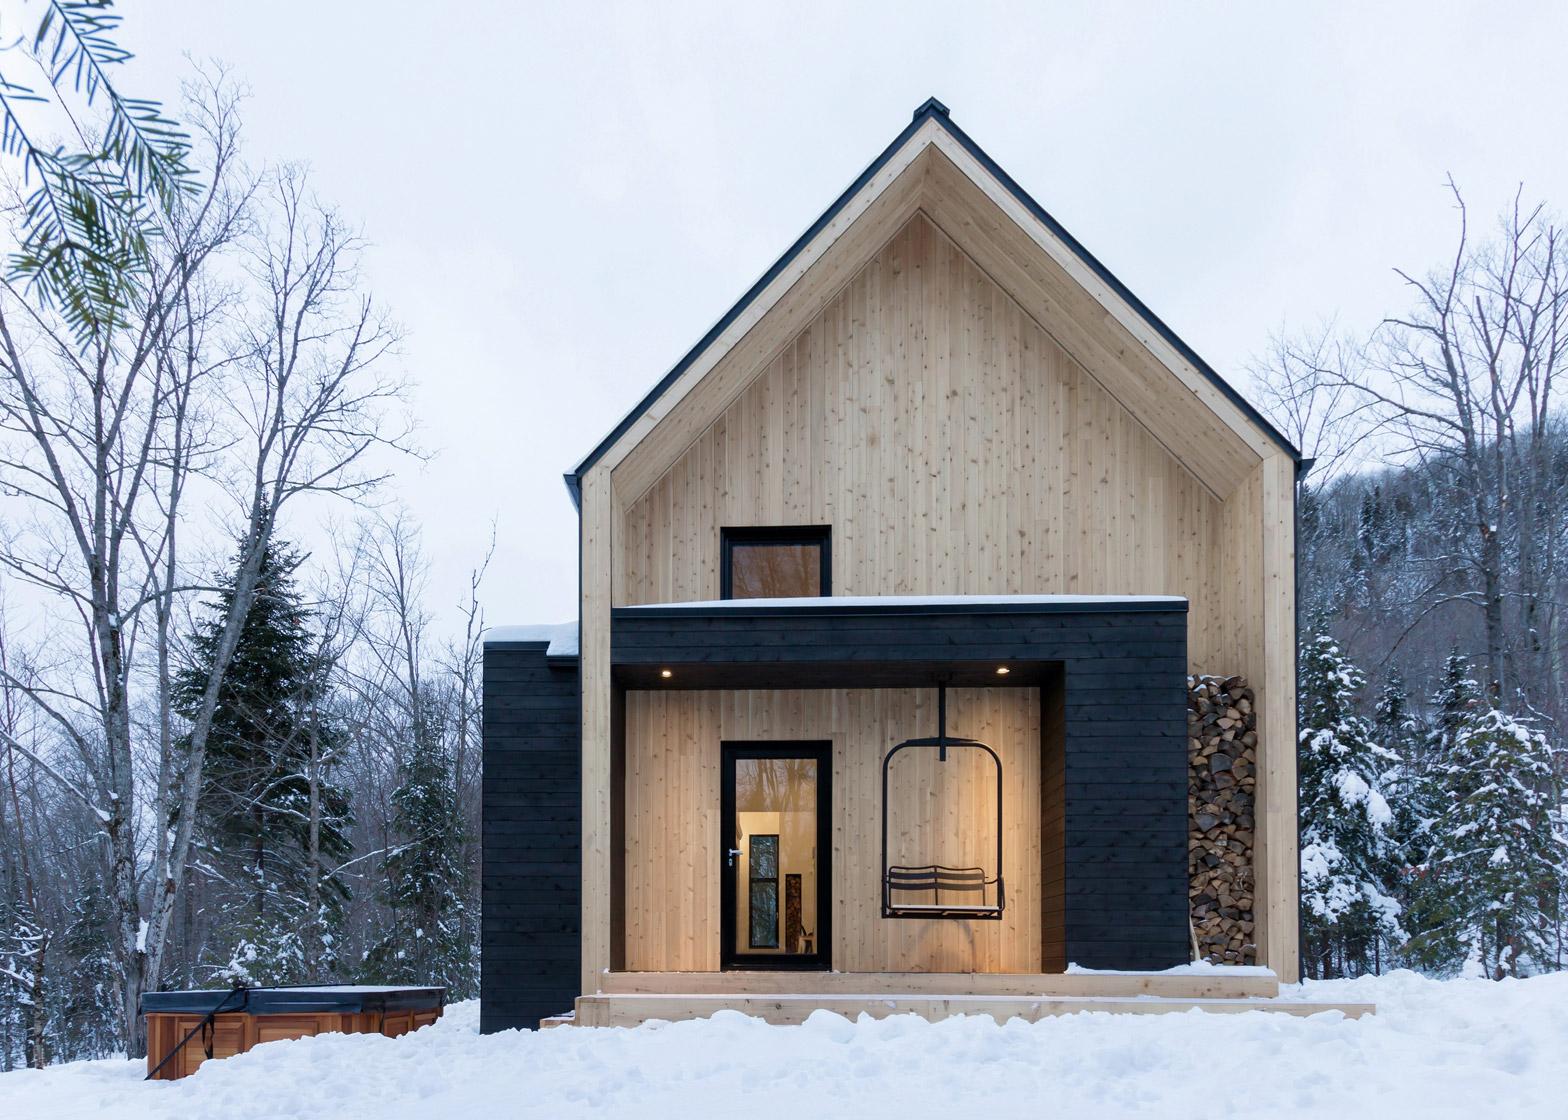 Wonen in een houten chalet interieur inrichting - Houten chalet interieur ...